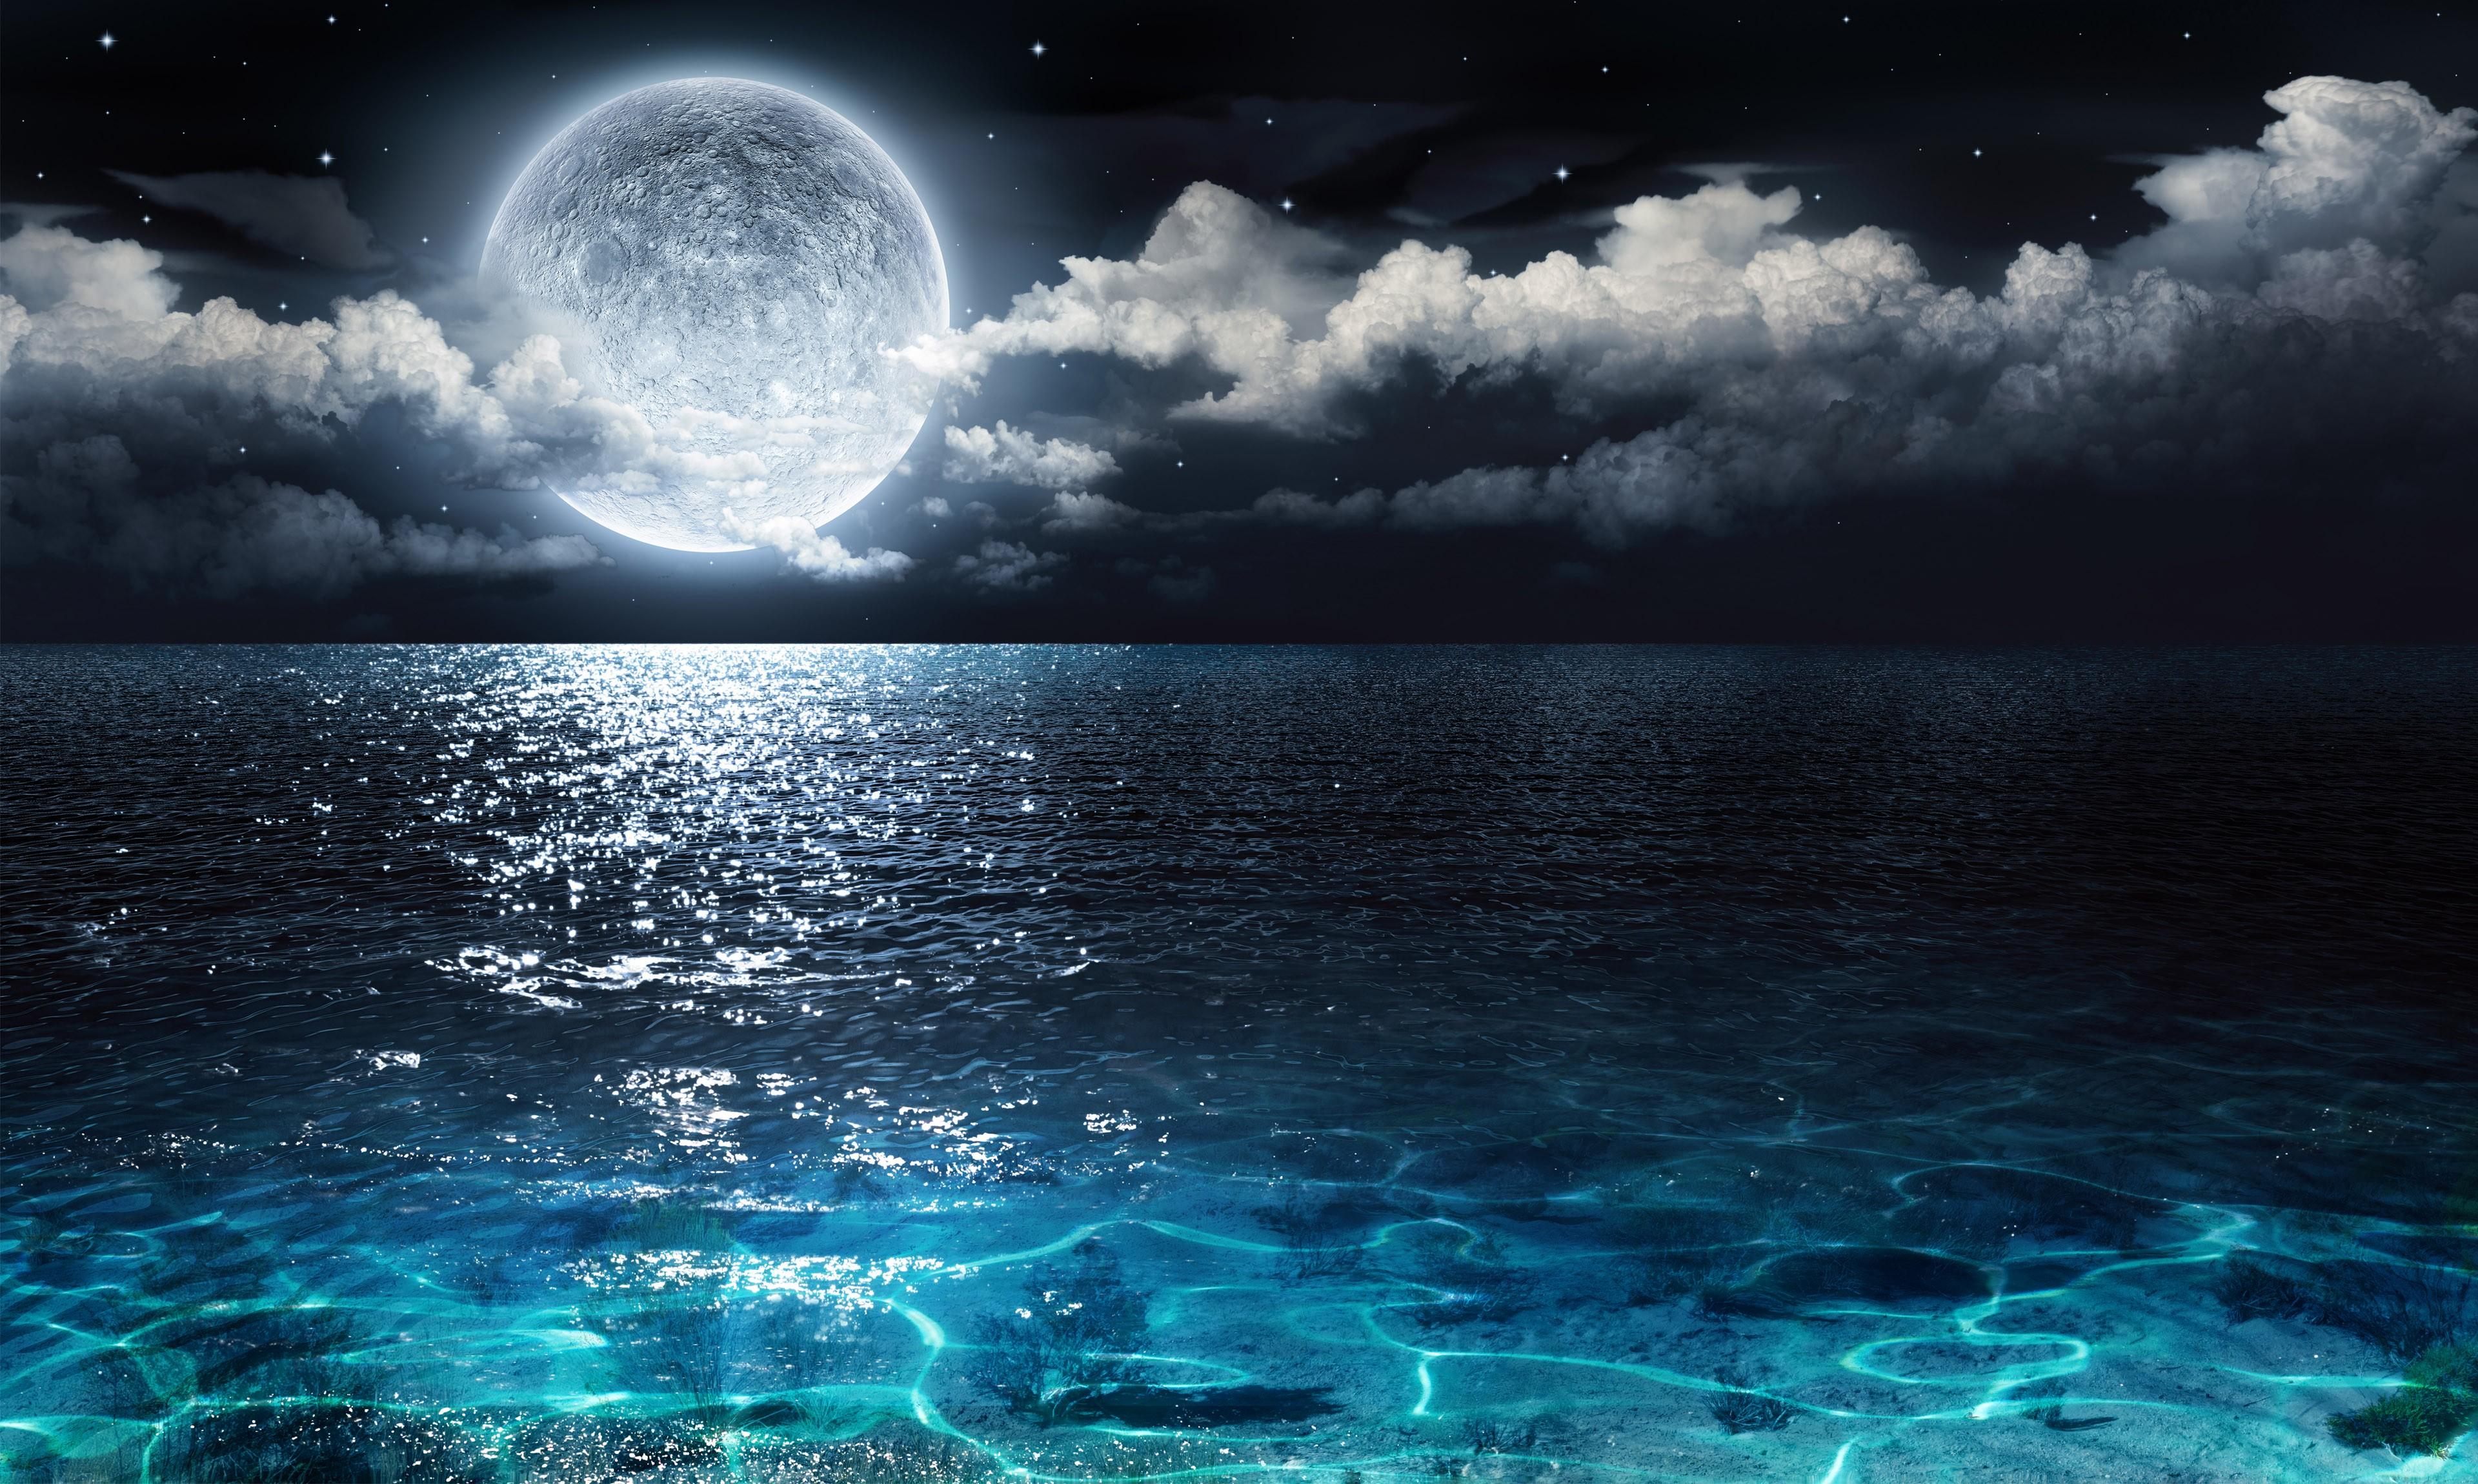 Papel De Parede Luz Solar Mar Noite Reflexao Ceu Lua Luar